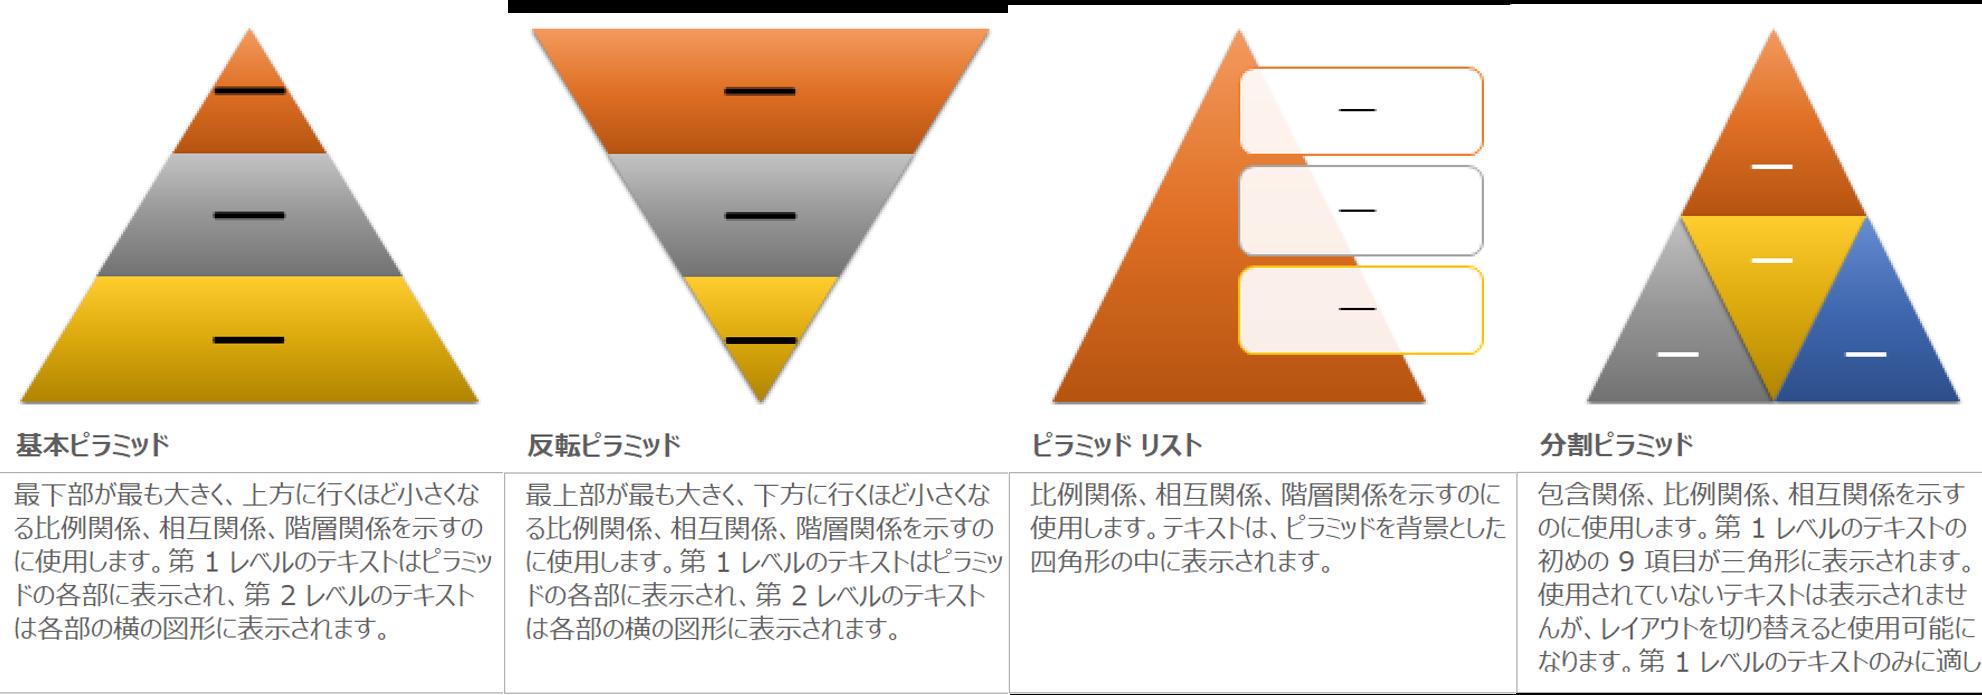 パワーポイントのSmartArtで挿入できる4種類のピラミッド